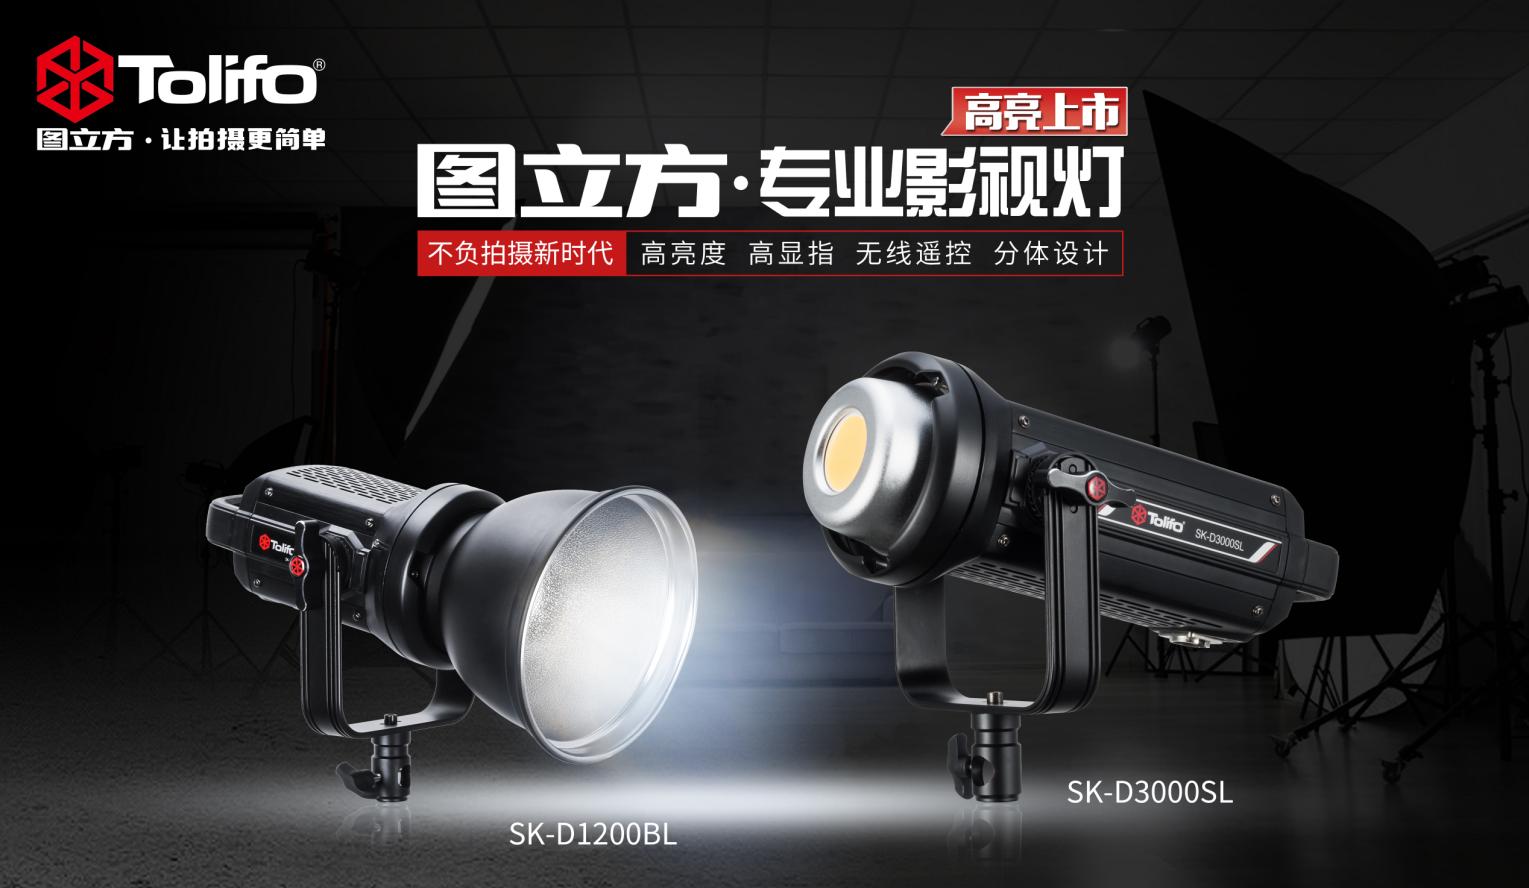 让拍摄更简单-图立方专业LED补光灯SK-D1200BL!